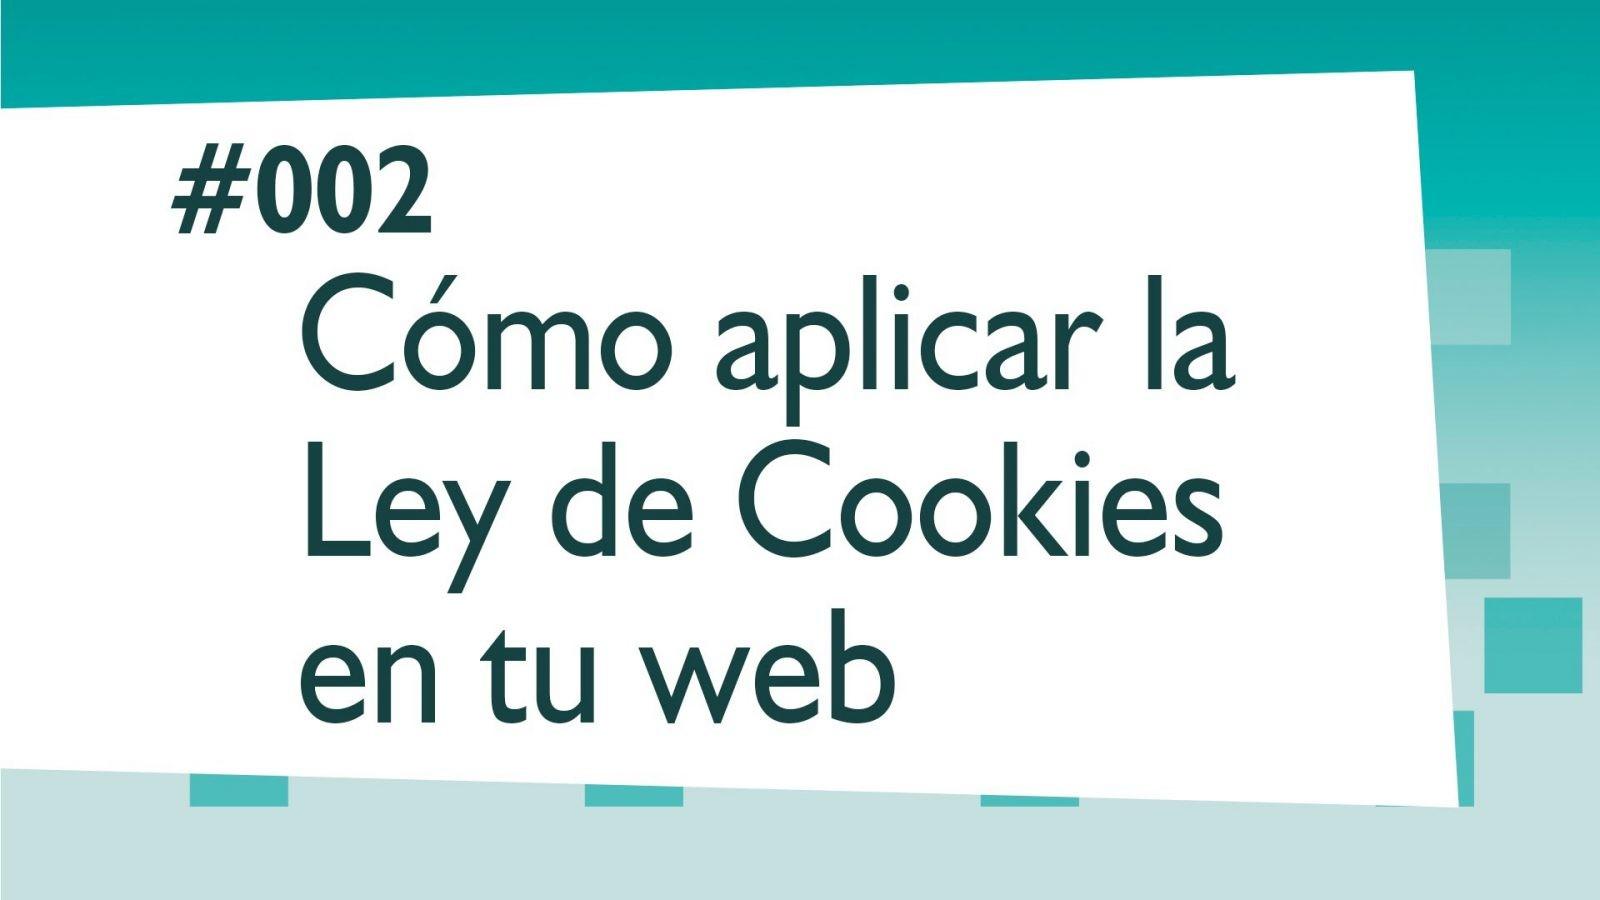 Cómo aplicar la ley de cookies en tu web